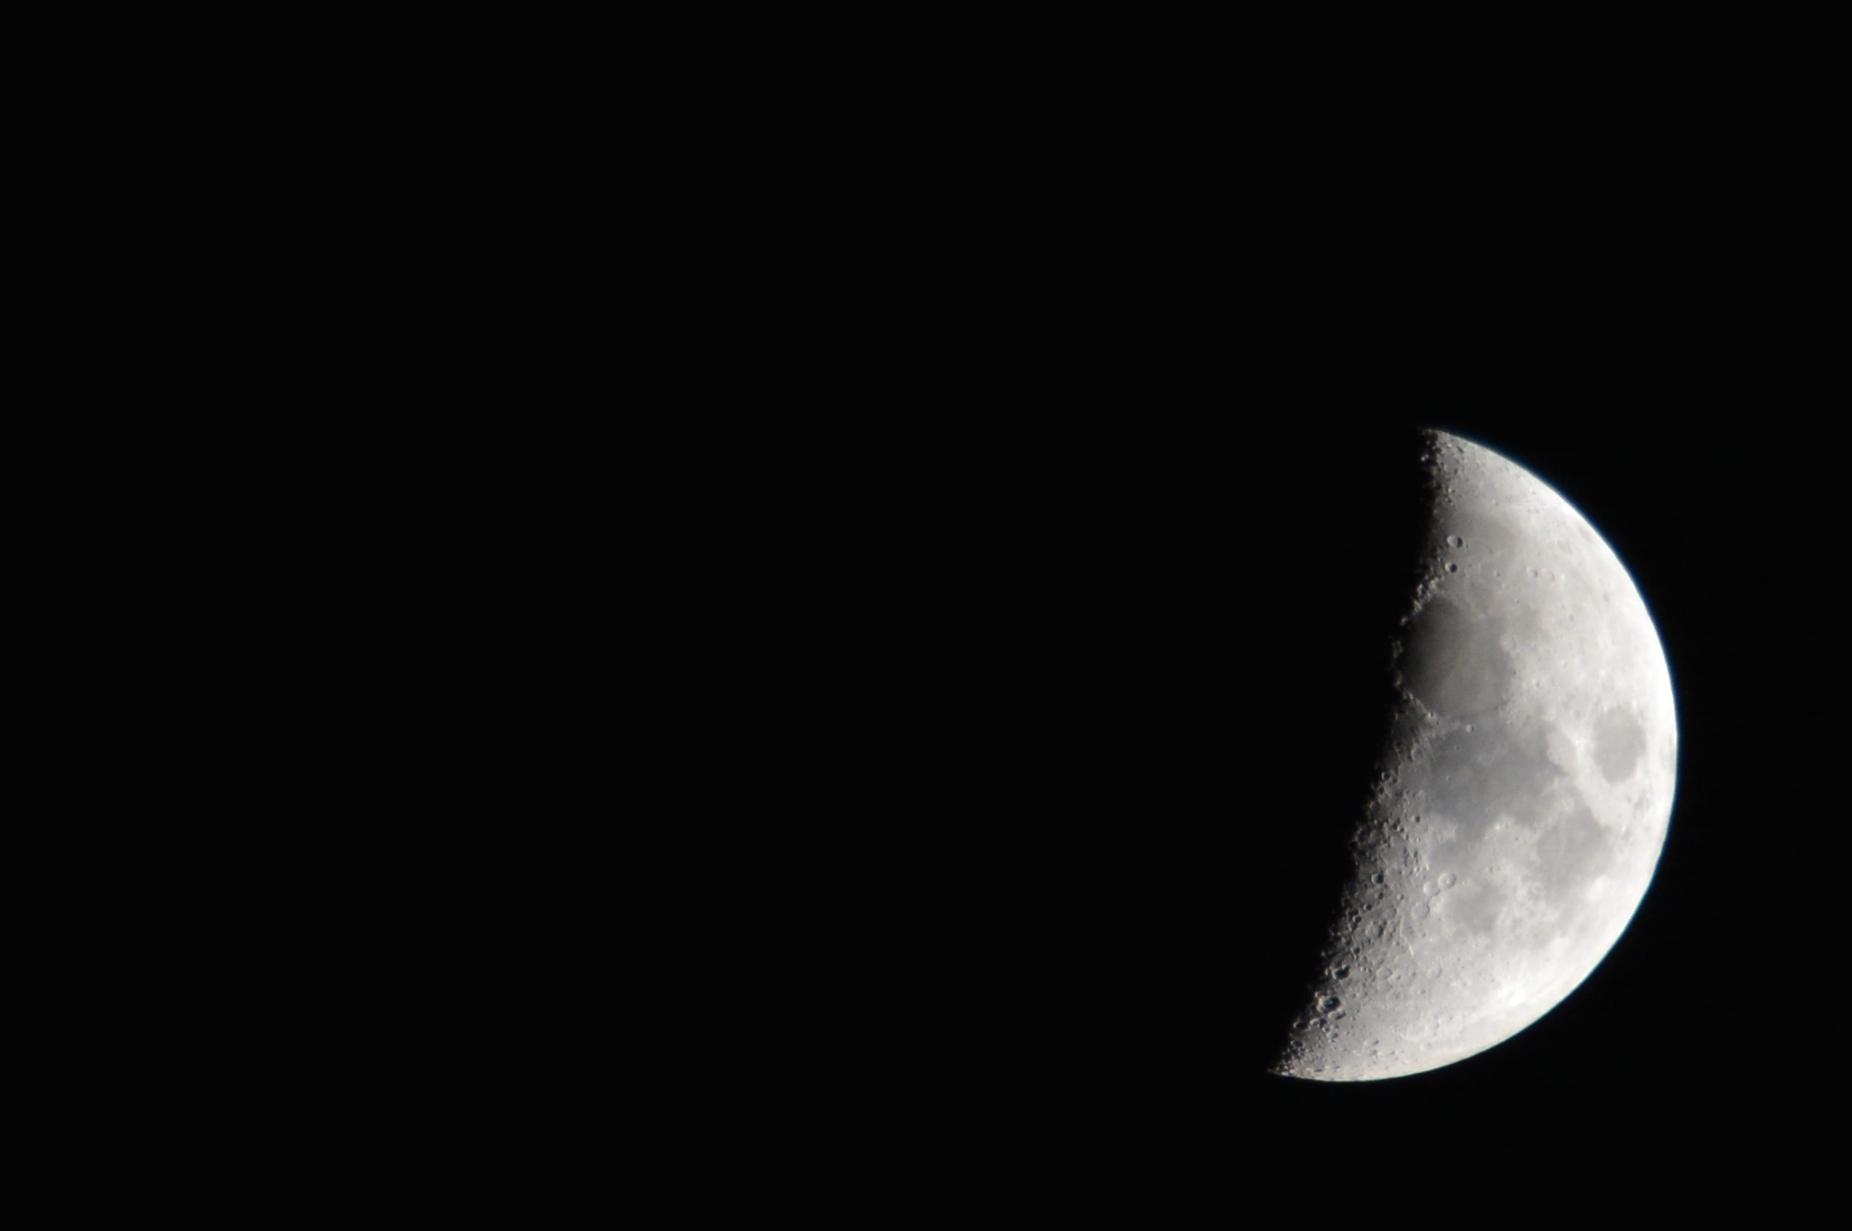 prendre la lune en photo guide tutoriel blog voyage blogvoyage icietlabas